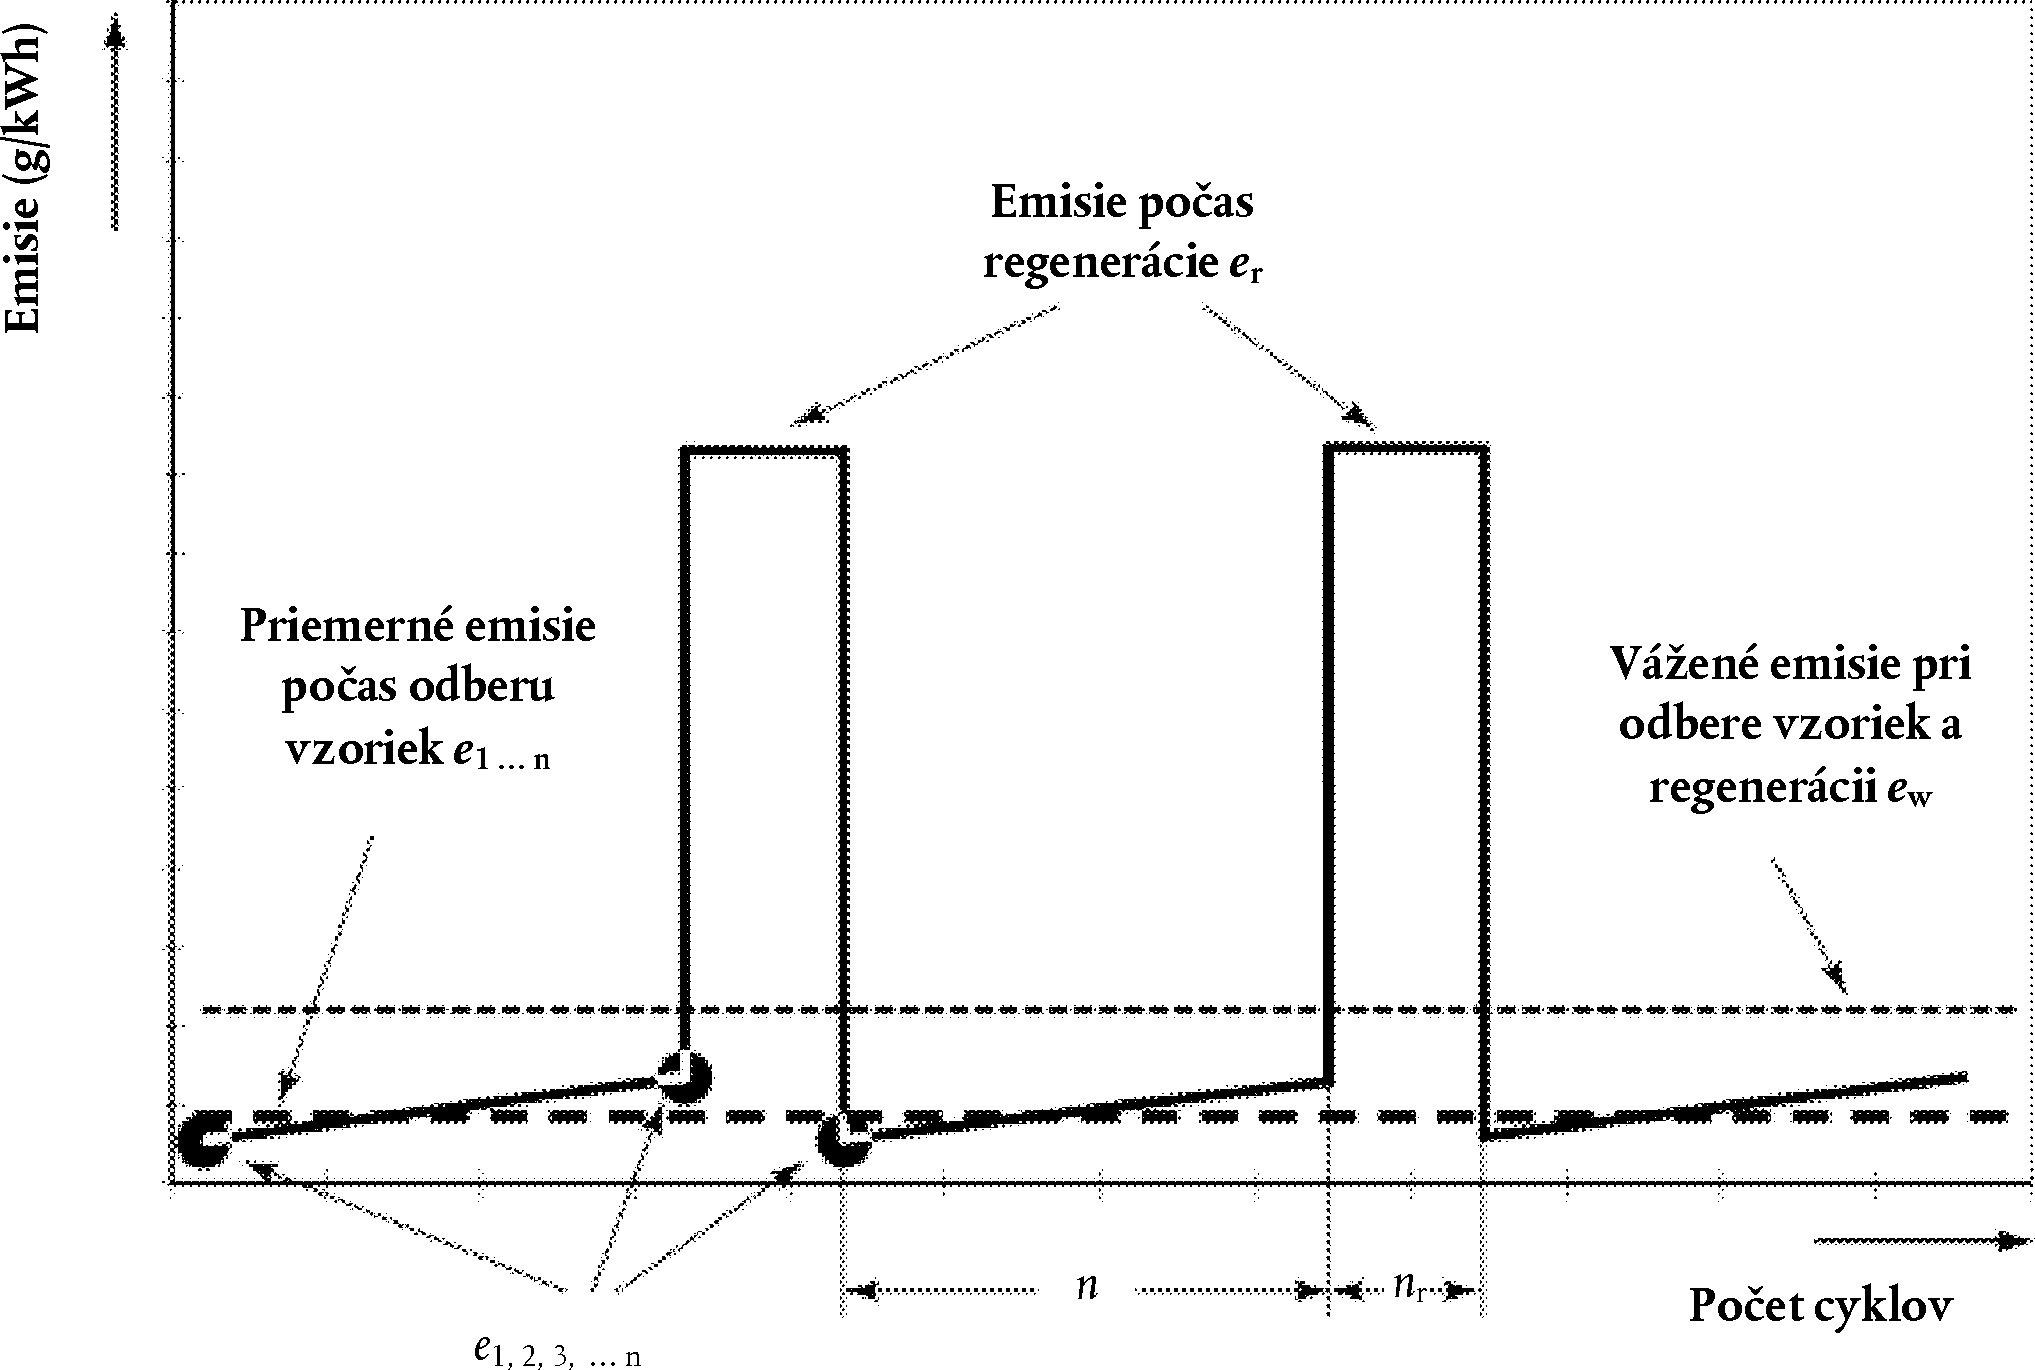 Počas procesu regenerácie môže dôjsť k prekročeniu príslušných emisných  limitov. Skúšobný postup je schematicky znázornený na obrázku 6.1. 8217bec94a6